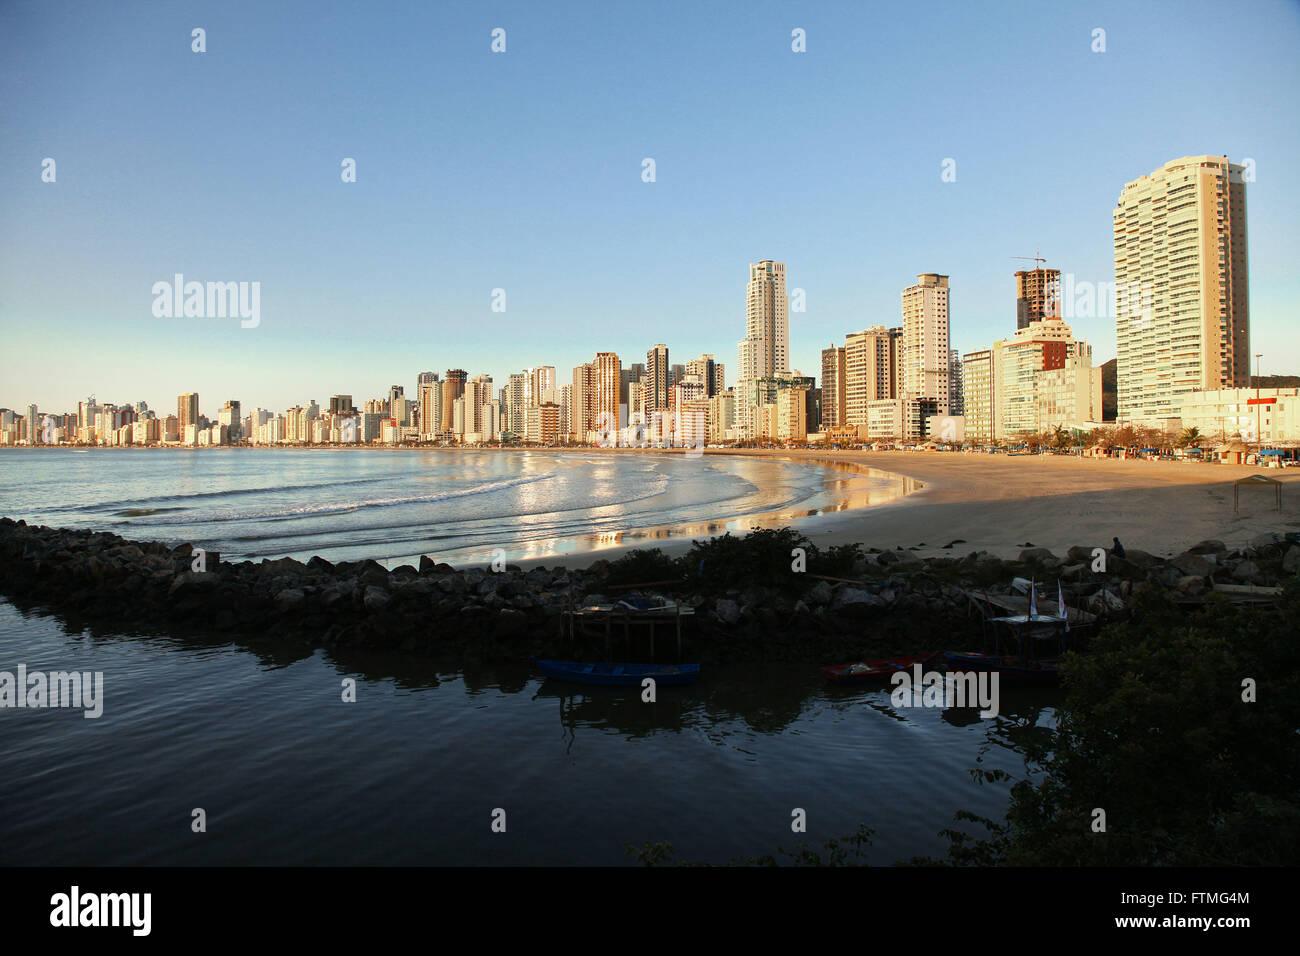 Jetty rocks separating the beach in Rio Camboriu Depth Northern Balneario Camboriu - SC - Stock Image